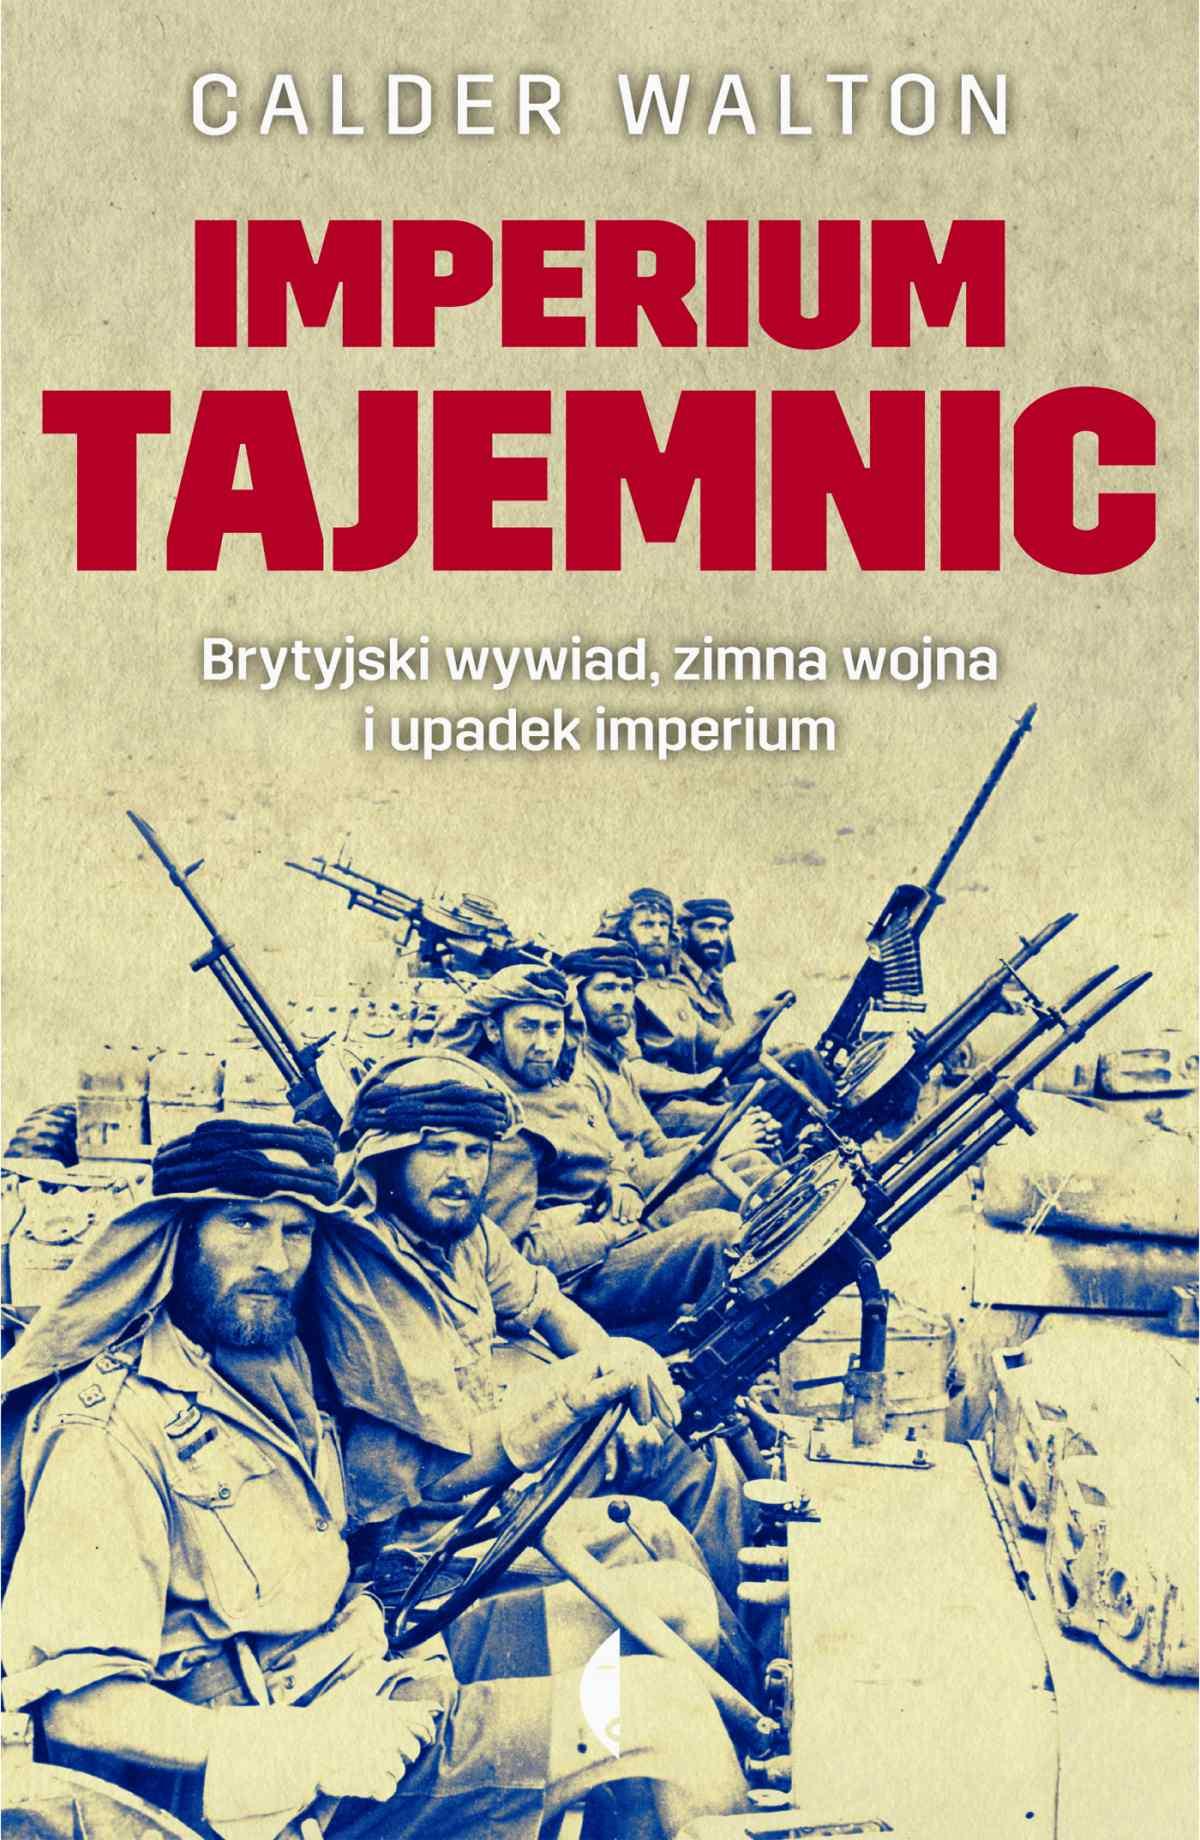 Imperium tajemnic. Brytyjski wywiad, zimna wojna i upadek imperium - Ebook (Książka EPUB) do pobrania w formacie EPUB